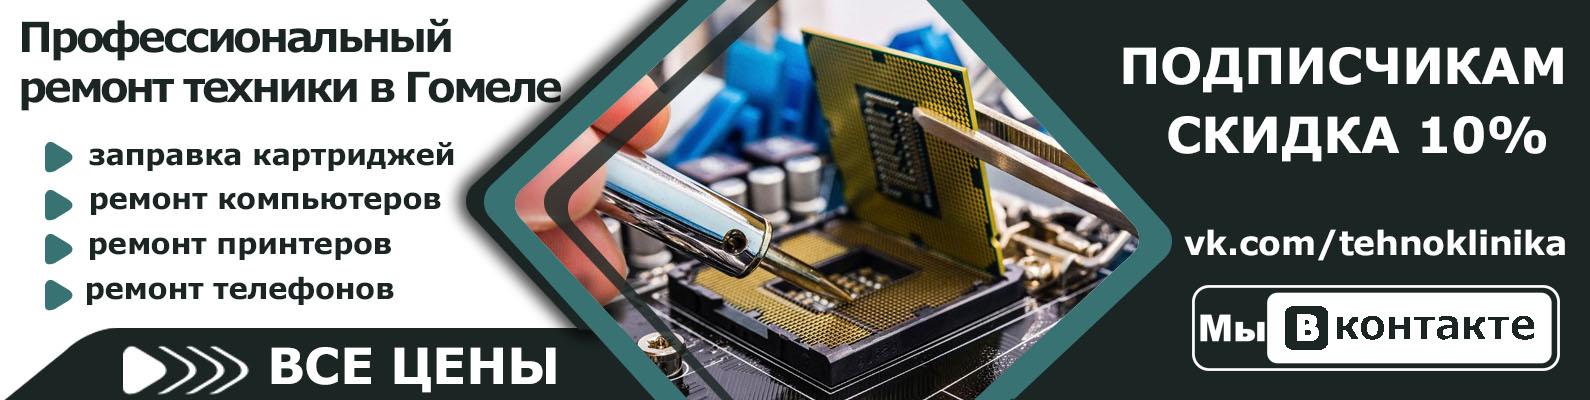 Профессиональный ремонт техники в Гомеле: компьютеров, принтеров, телефонов, ноутбуков, телевизоров и т.д.